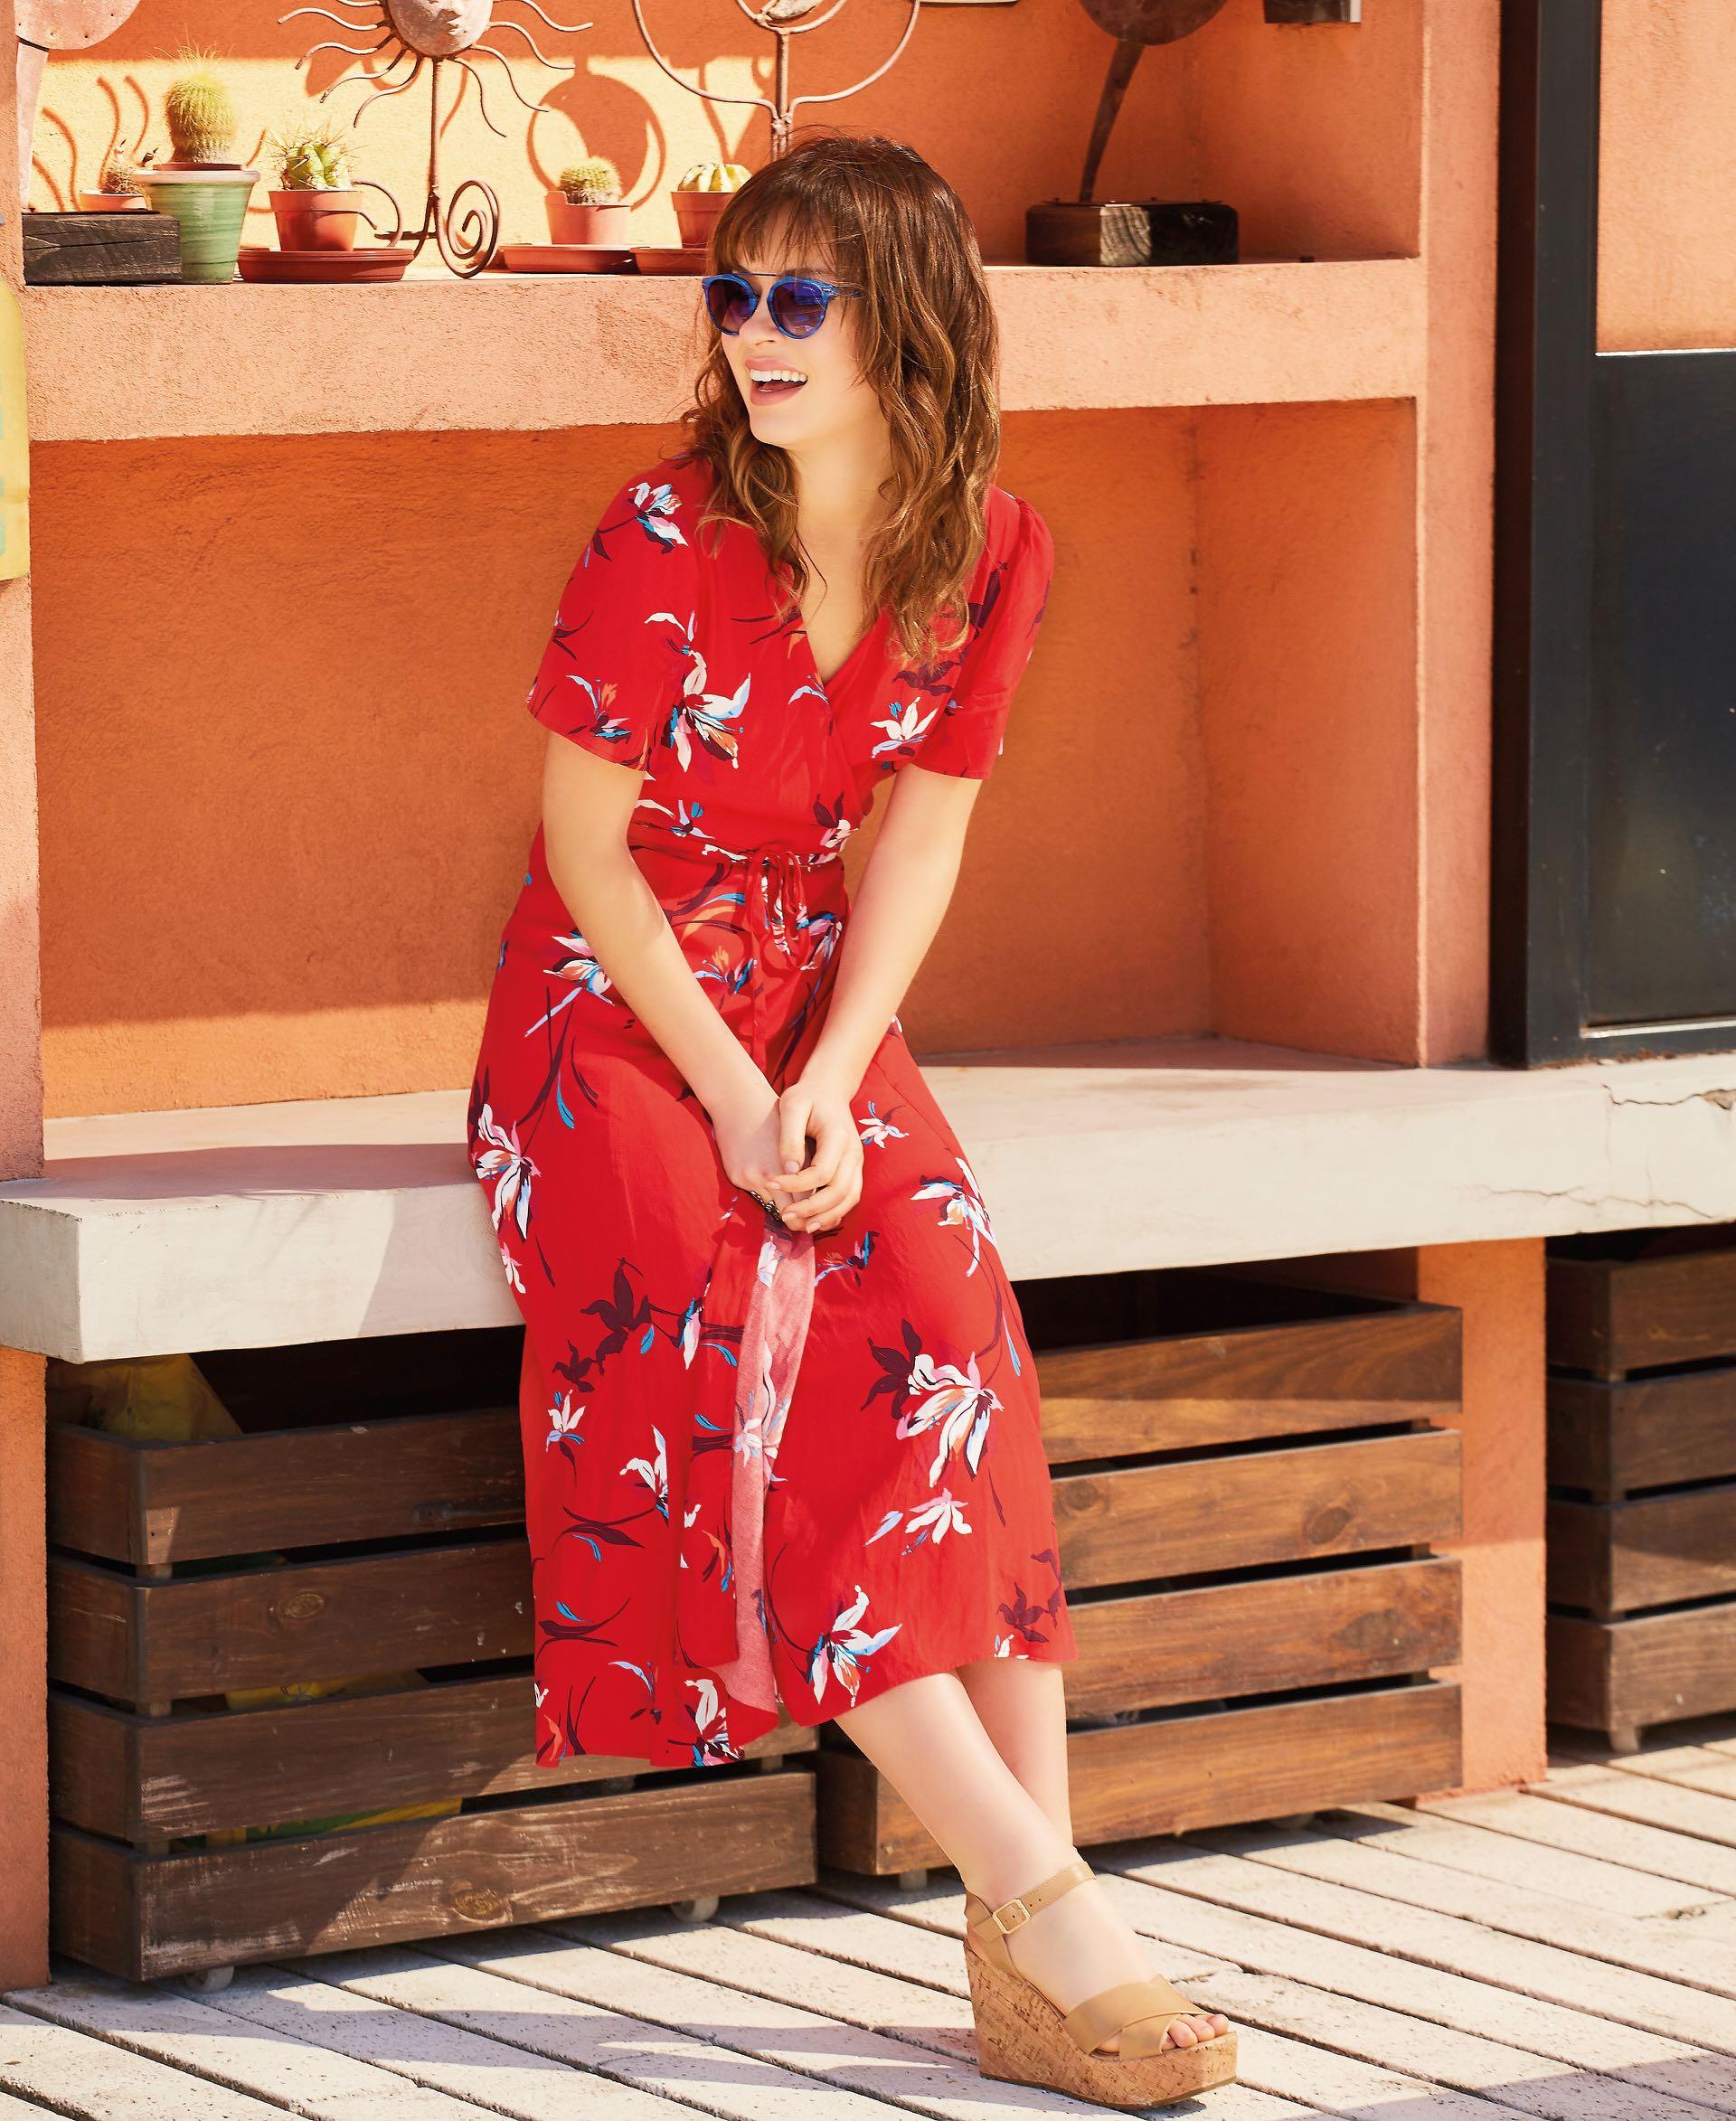 Vestido estampado cache-coeur ($ 5.900, Vitamina), sandalias con plataforma de corcho ($ 2.490, Viamo) y anteojos de sol (Ranieri para Wanama).